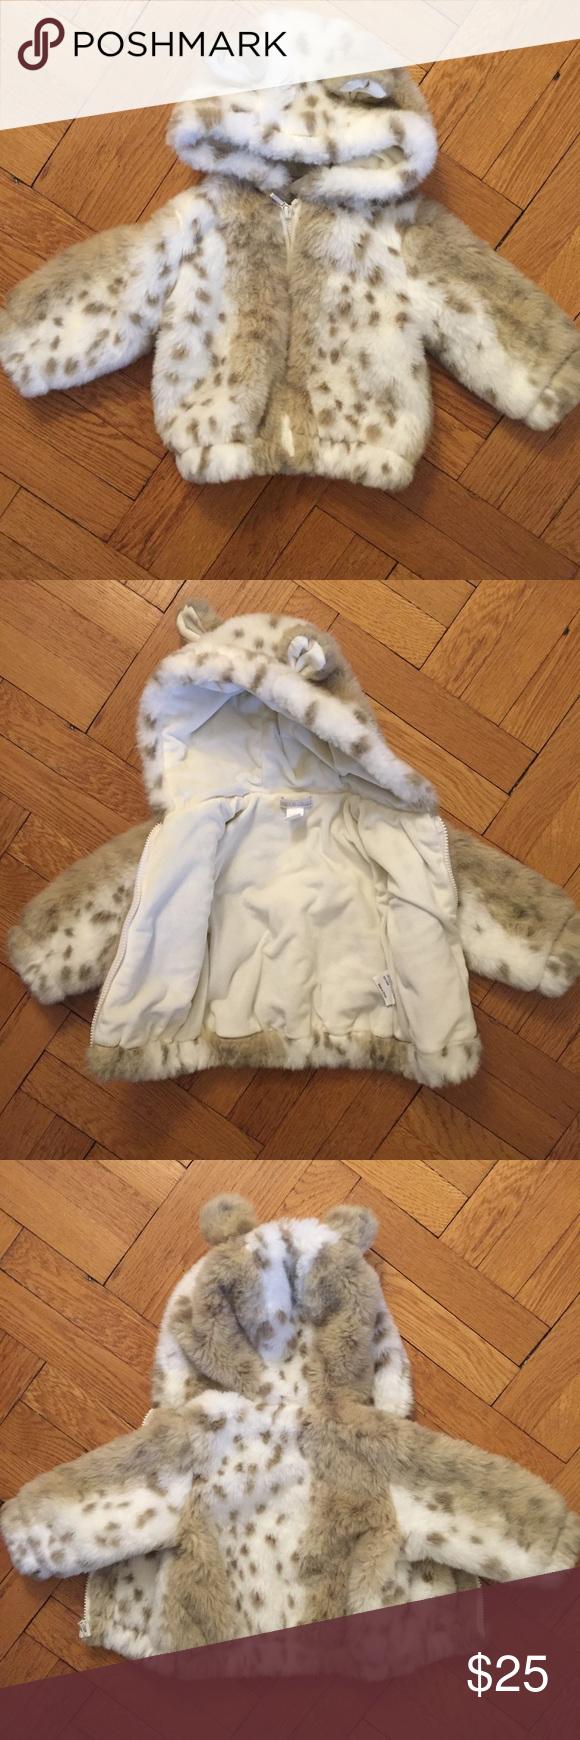 a5f41a93e Restoration Hardware baby   child faux fur coat Super adorable faux ...